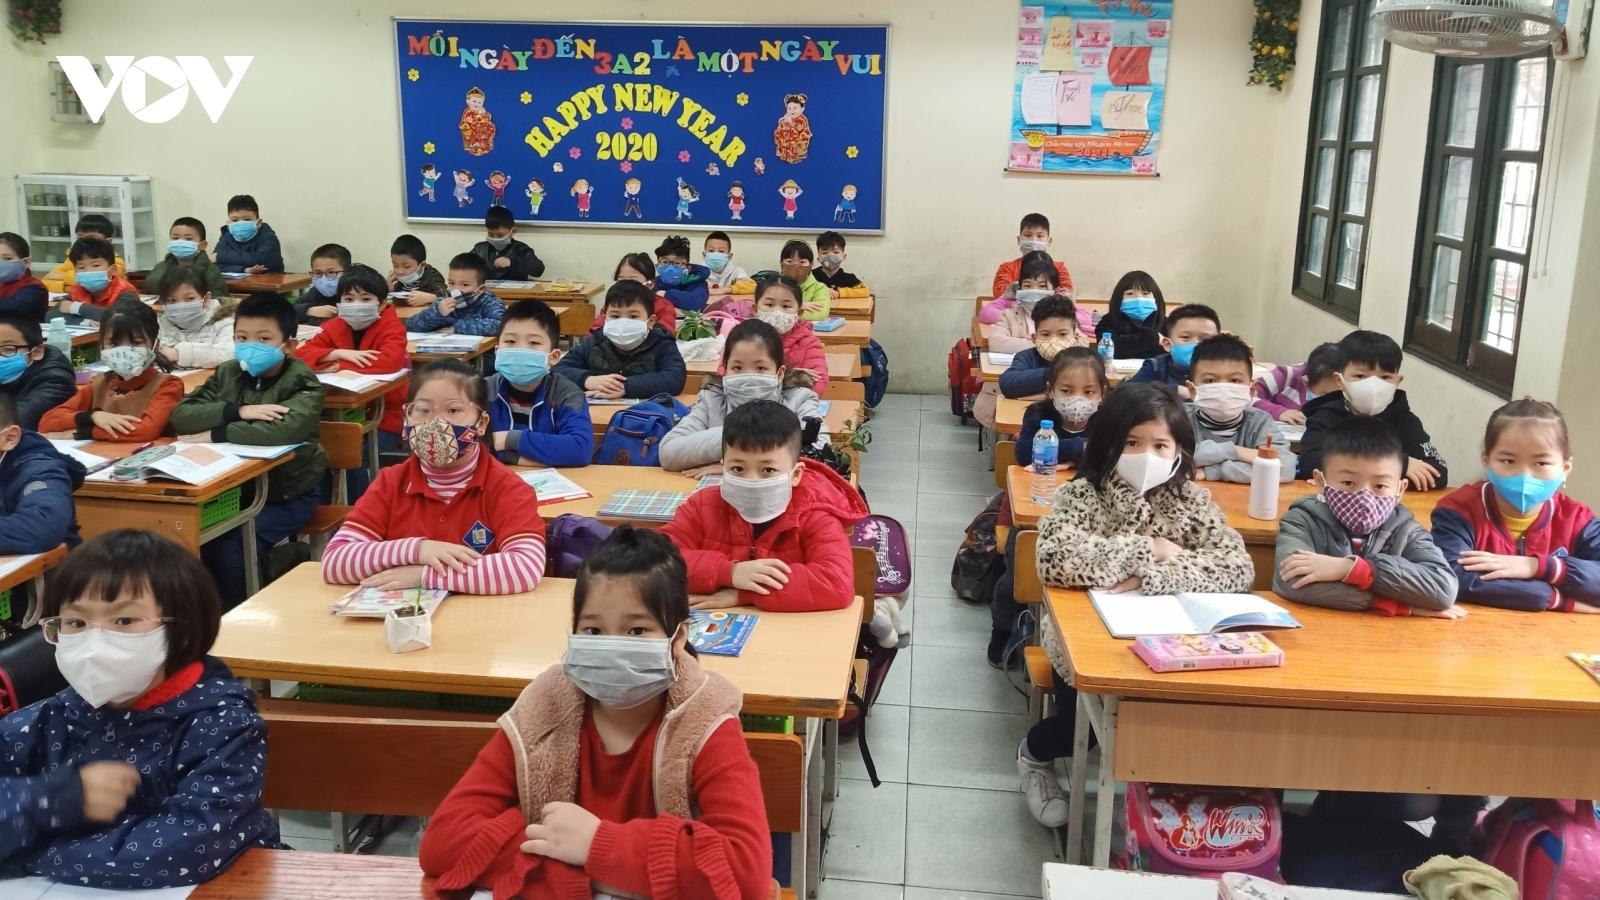 Hơn 2.000 học sinh, giáo viên phải nghỉ học liên quan đến BN 1347